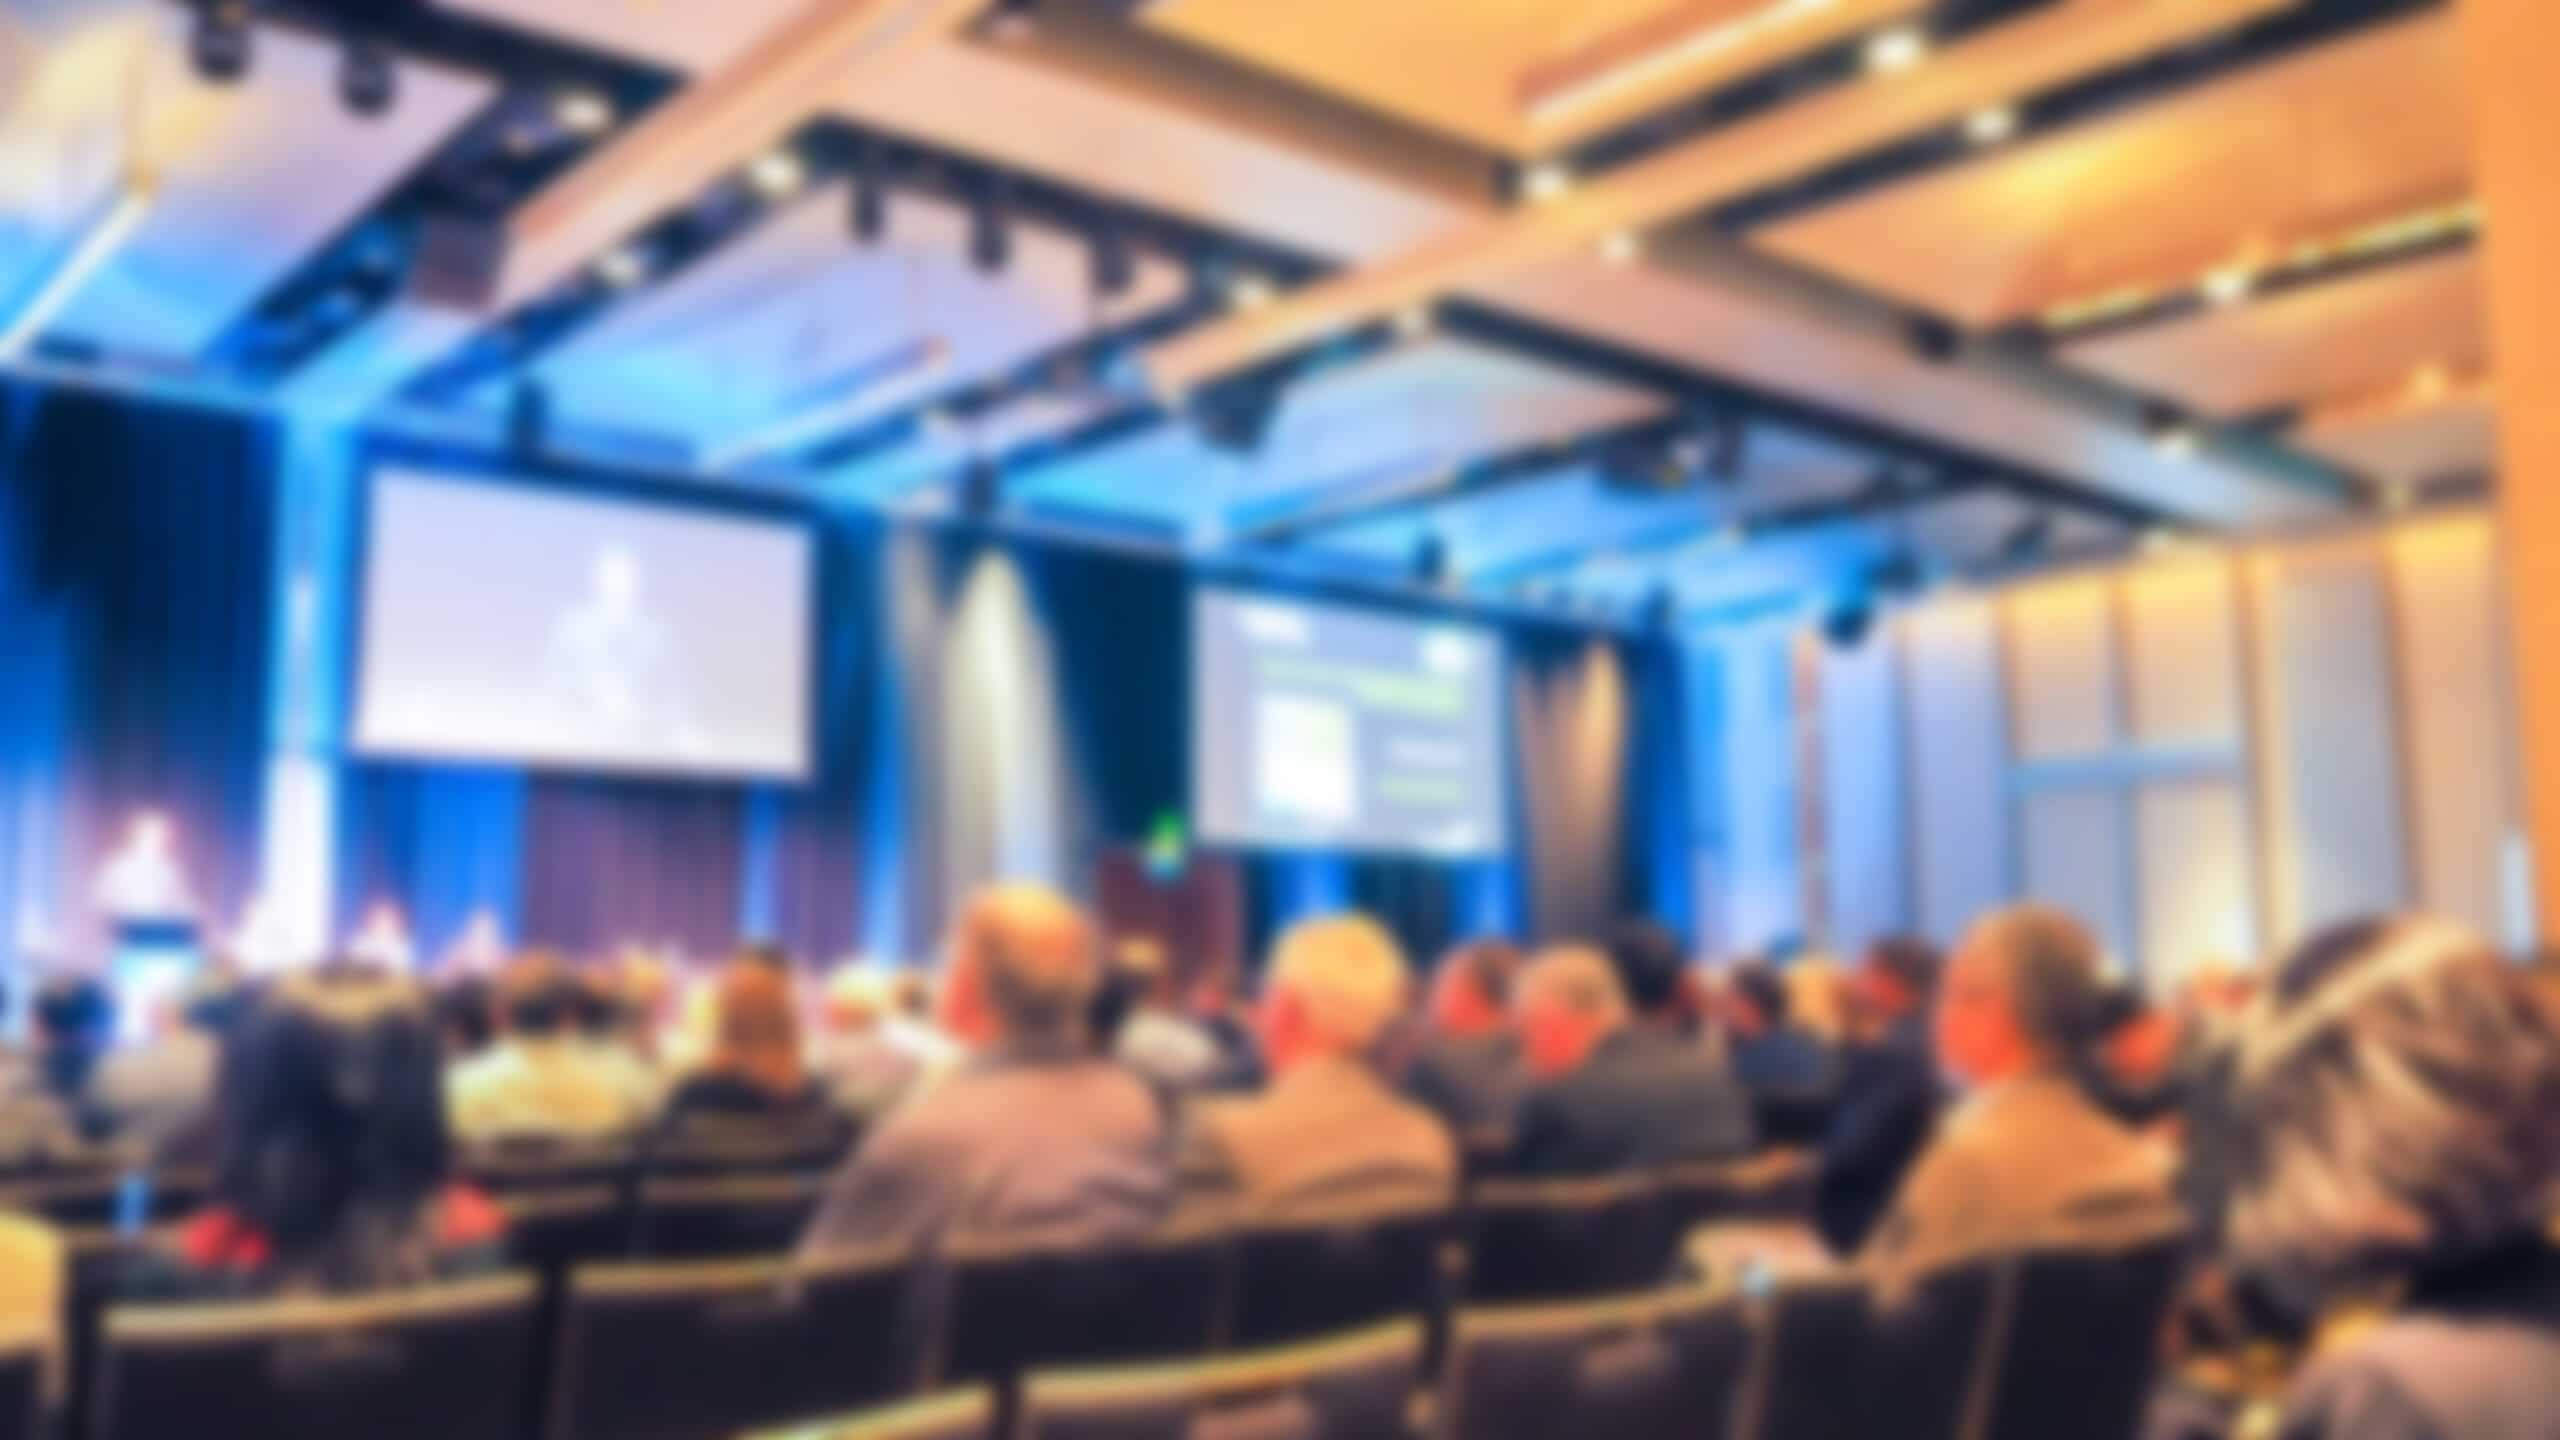 Sala de congresos con alta dendidad en antenas WiFi